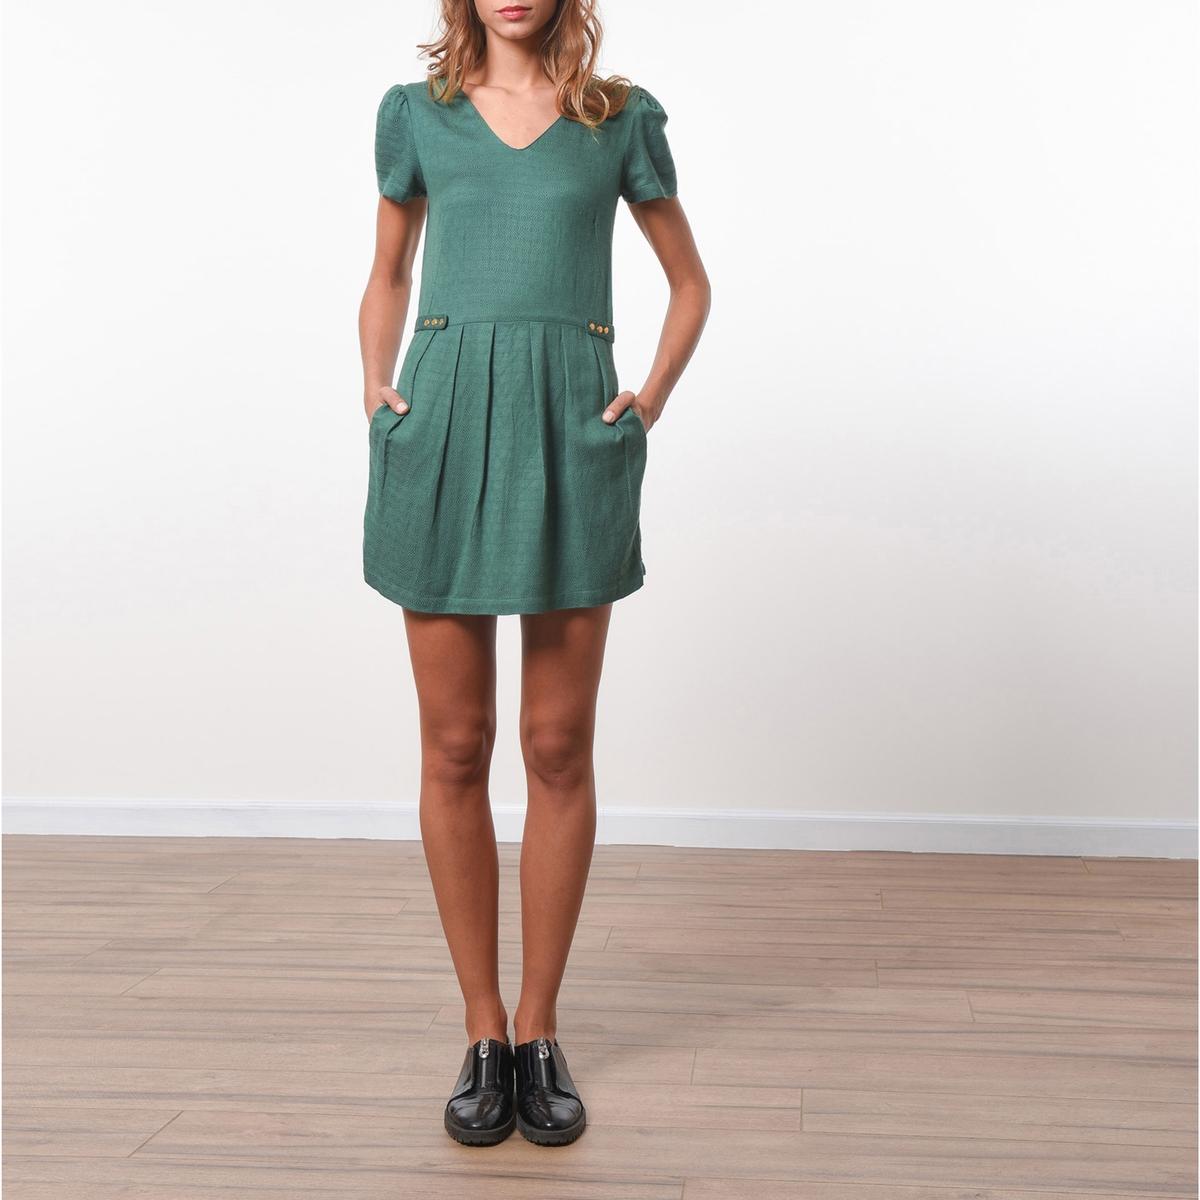 Комбинезон с шортами с эффектом юбки, короткие рукаваСостав и описание :Материал            100% вискозаМарка            JOE RETRO                          Уход:              Следуйте рекомендациям по уходу, указанным на этикетке изделия.<br><br>Цвет: зеленый<br>Размер: M